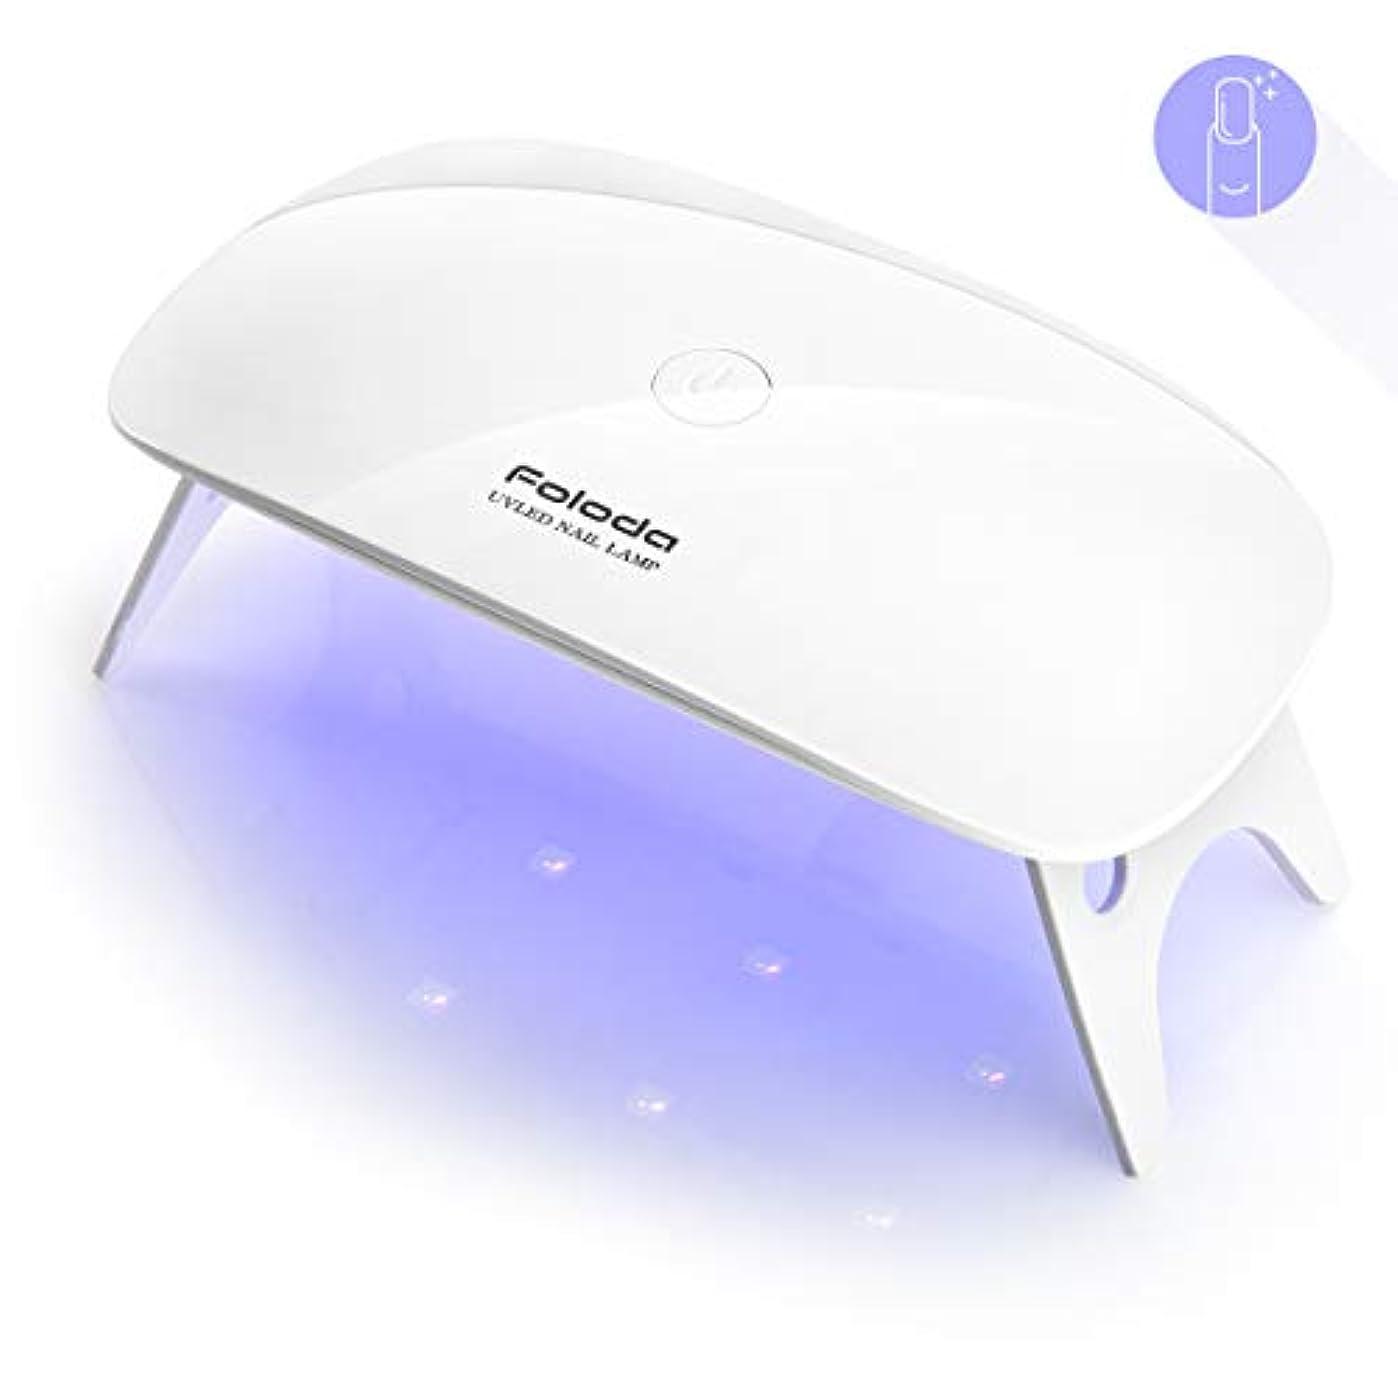 しゃがむナイトスポット翻訳LEDネイルドライヤー UVライト Foloda タイマー設定可能 折りたたみ式手足とも使える 人感センサー式 LED 硬化ライト UV と LEDダブルライト ジェルネイル用 ホワイト (white)